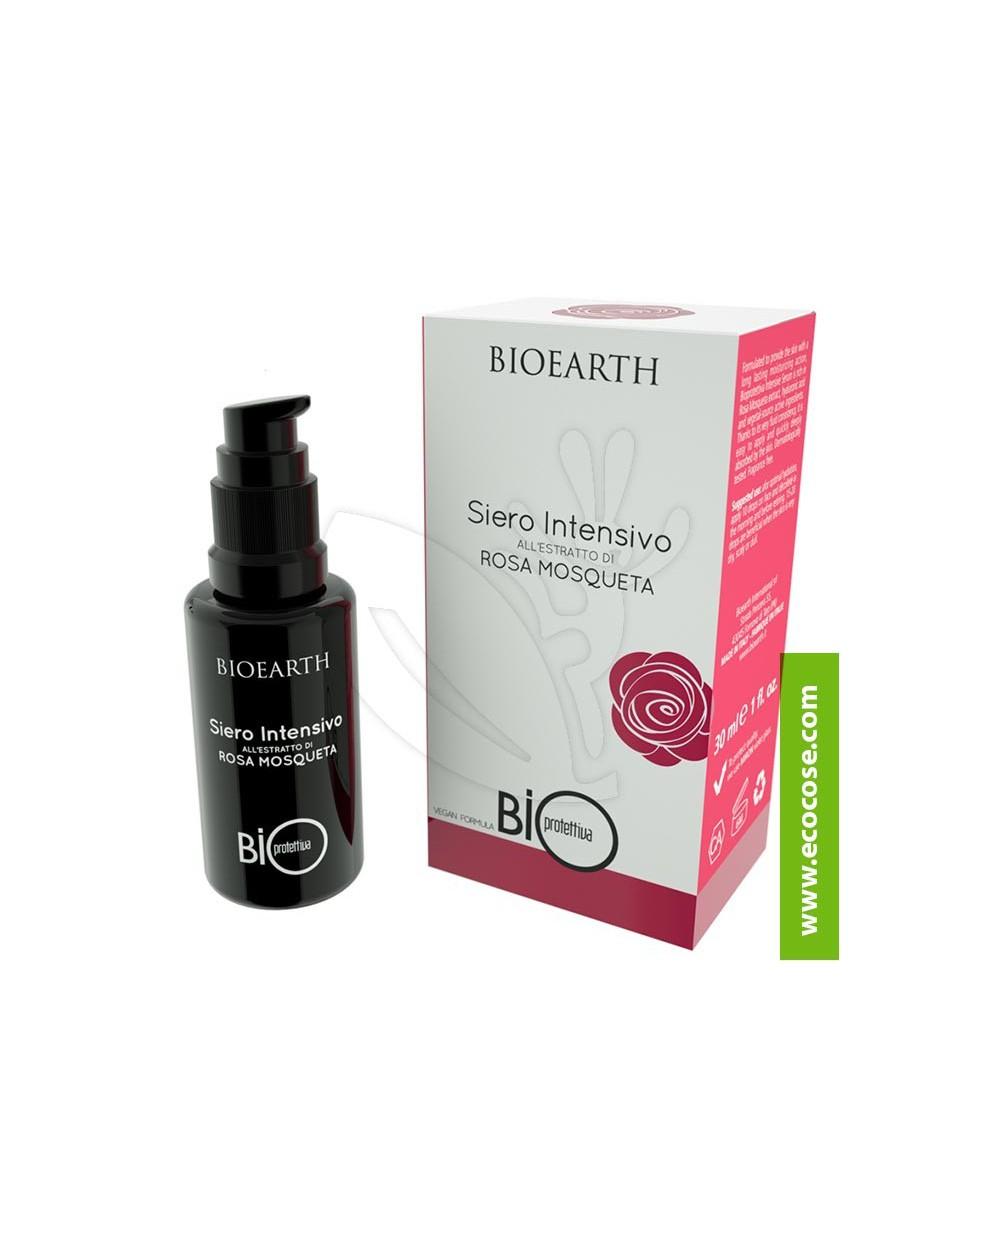 Bioearth - Bioprotettiva - Siero Intensivo all'estratto di Rosa Mosqueta Bio